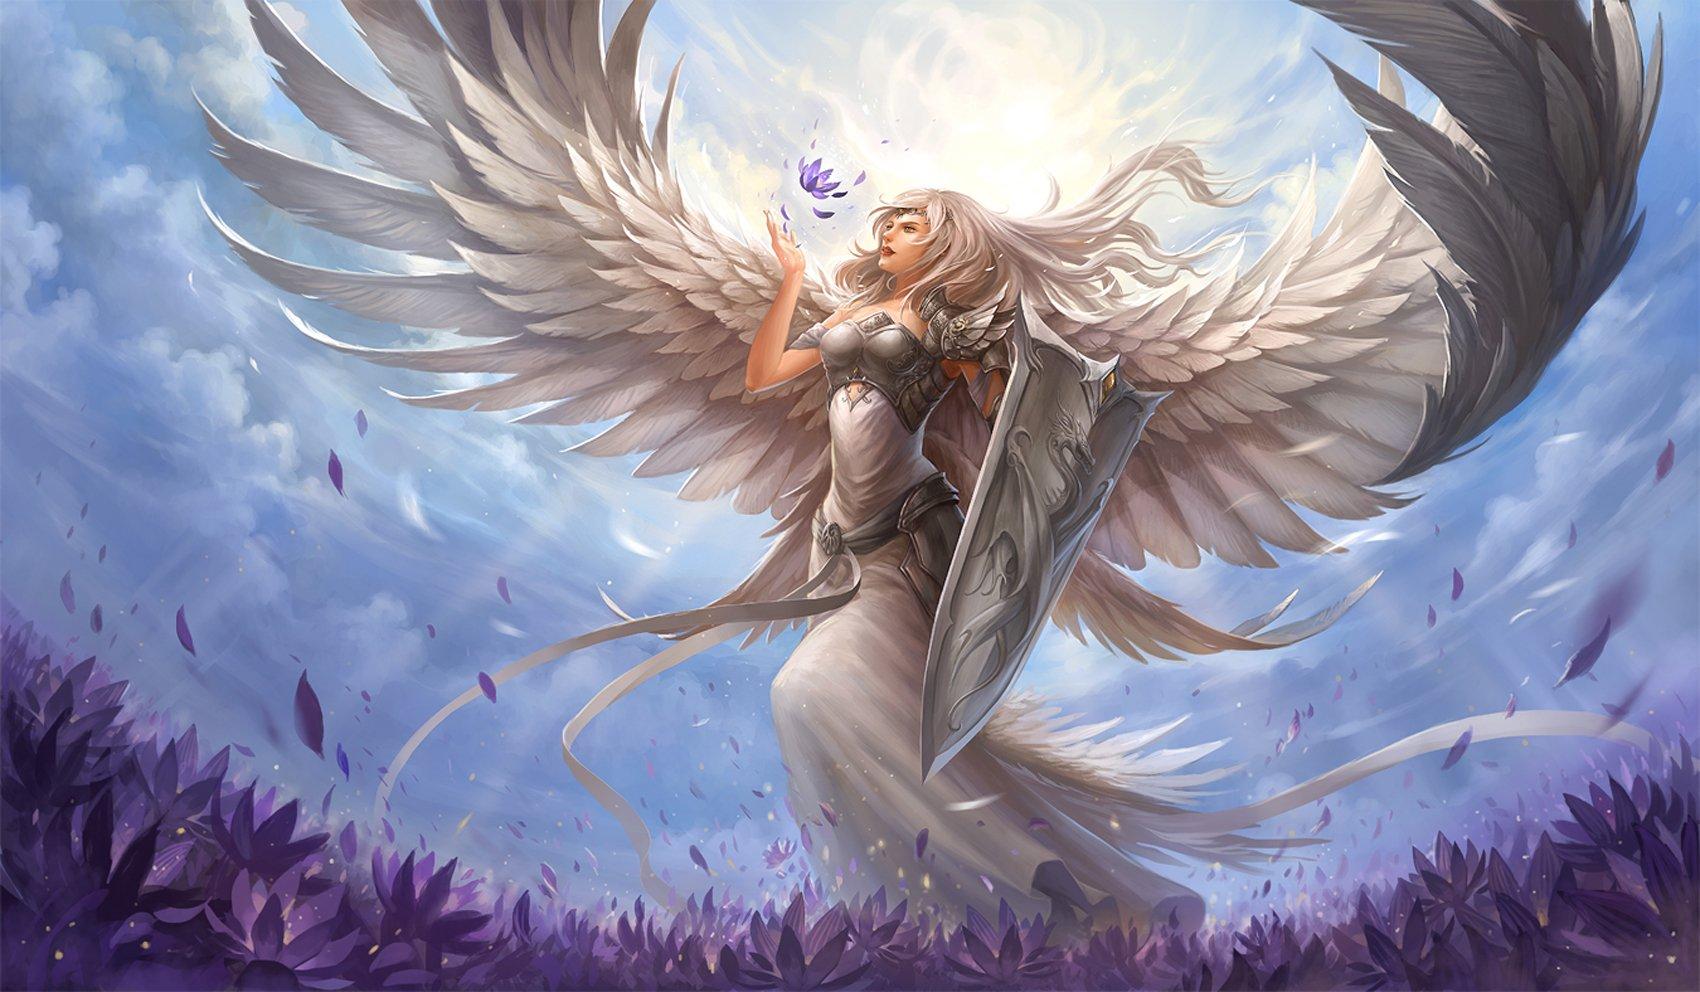 наружке ангел картинки фантазия красивый сайте собраны достопримечательности